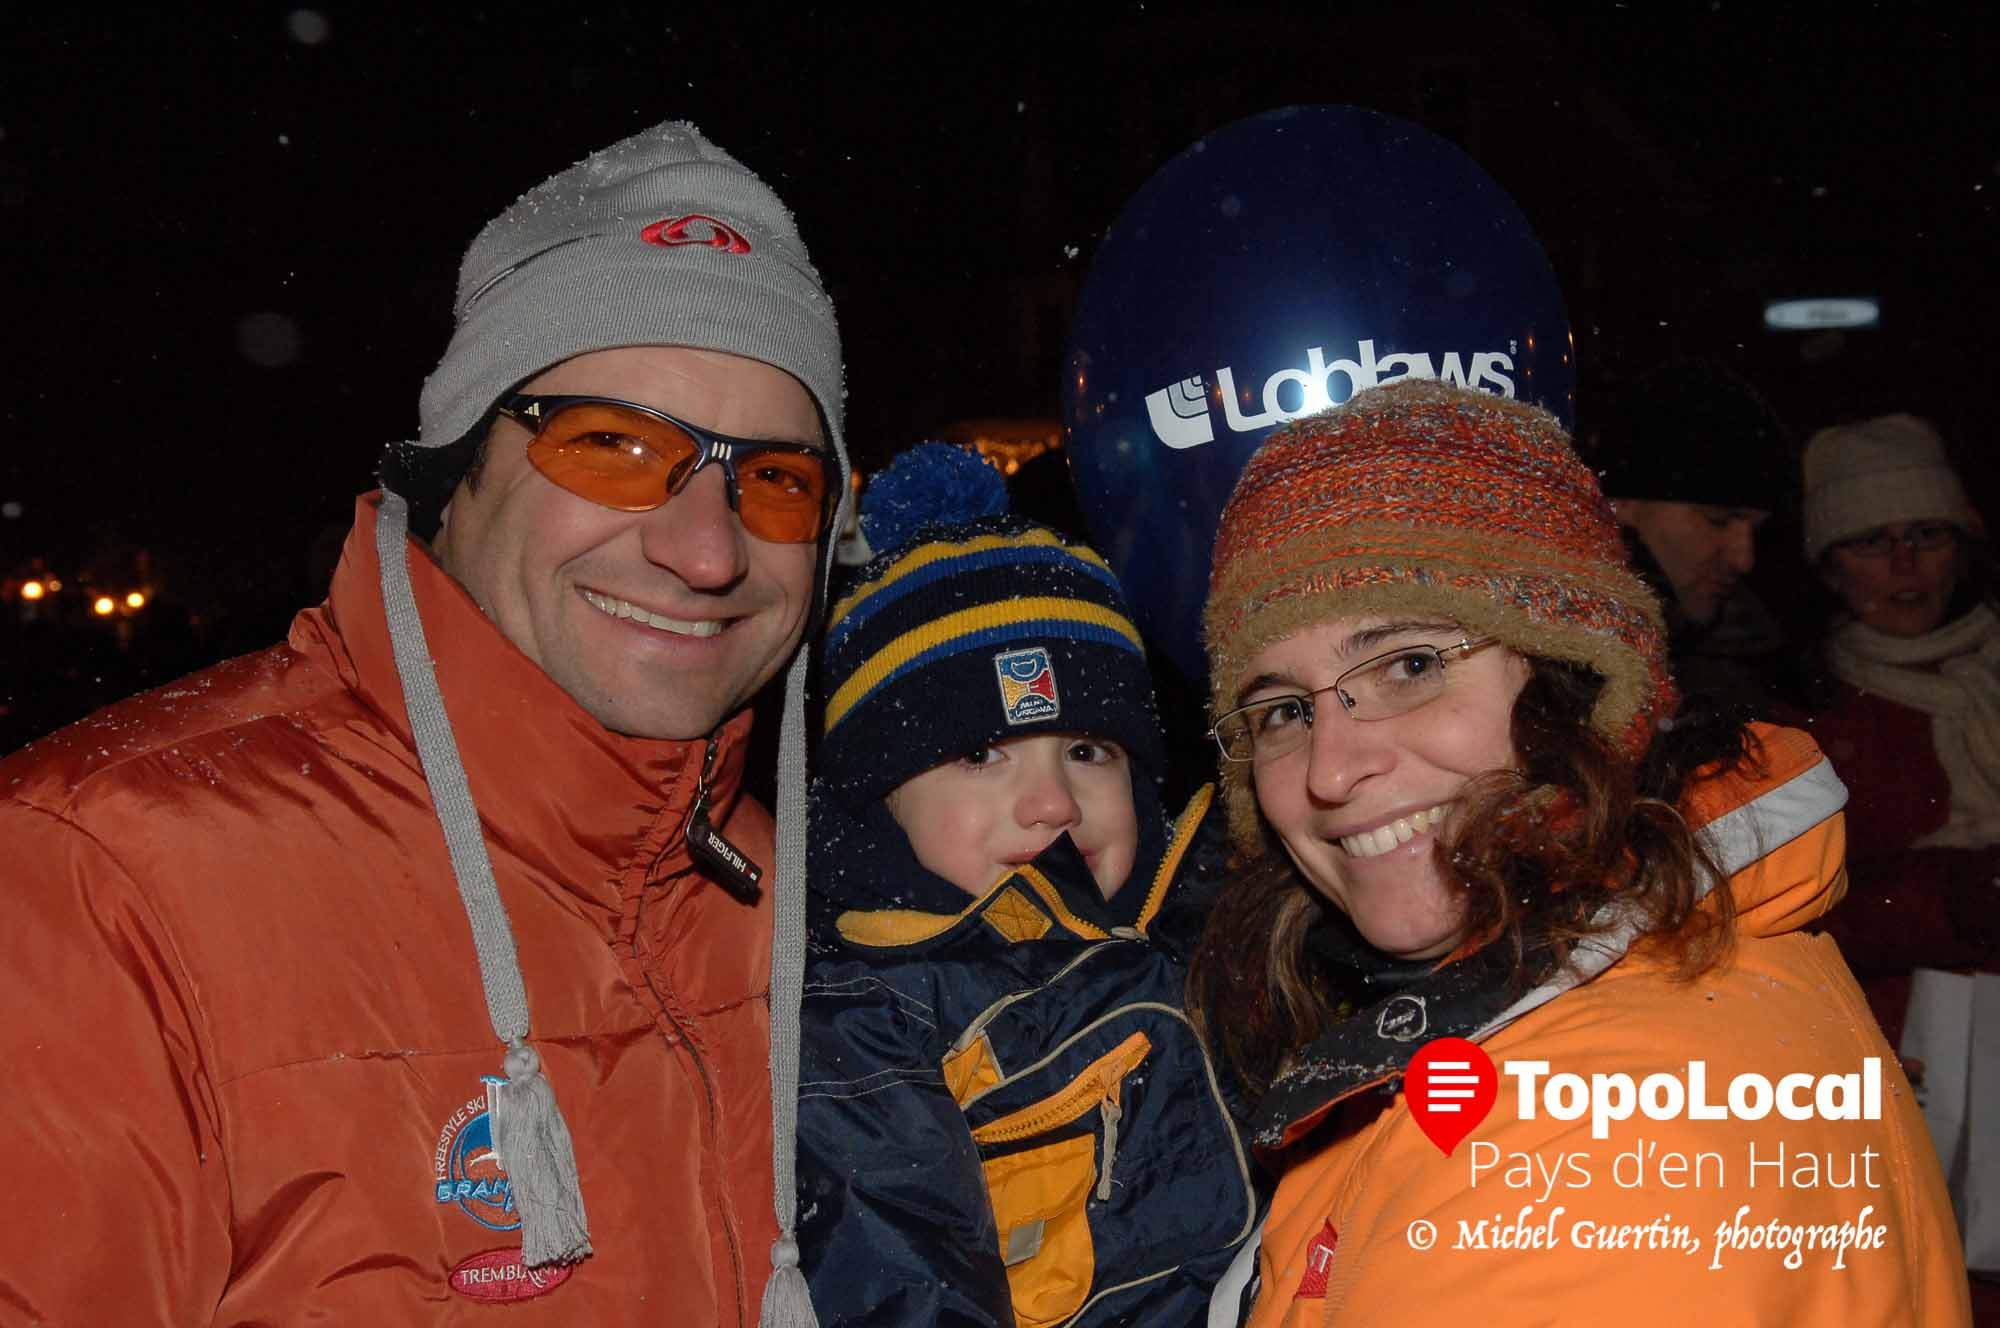 Petit souvenir d'il y a 10 ans. Alain Cyr et sa conjointe Véronique Martino avec leur fils Alexis. Eux n'ont pas changé mais il en est tout autrement pour Alexis.